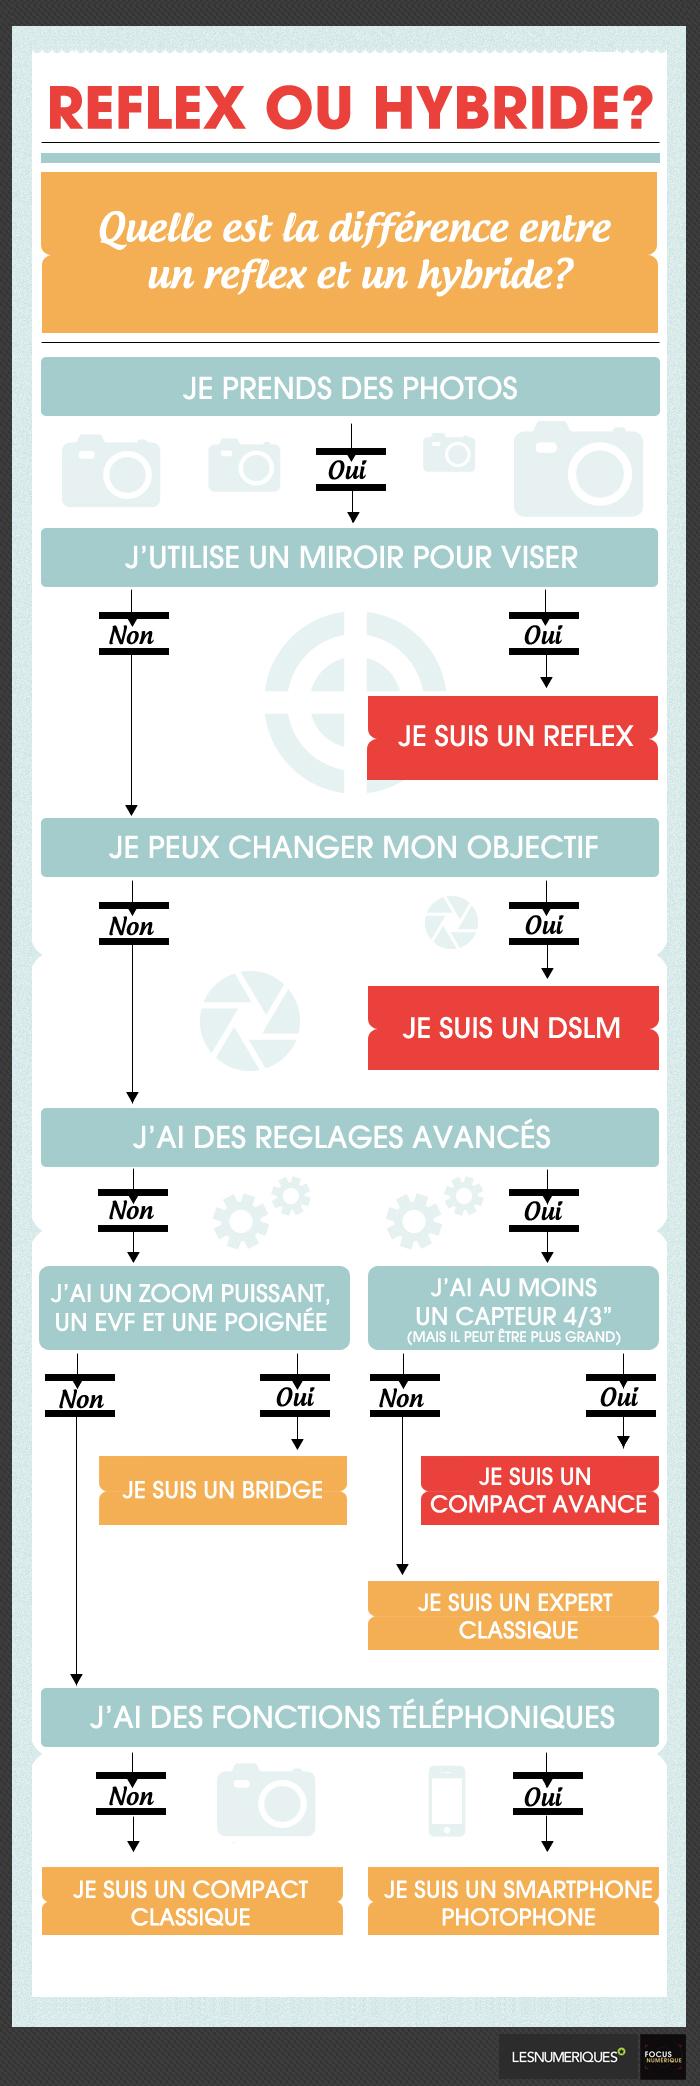 Infographie reflex ou hybride